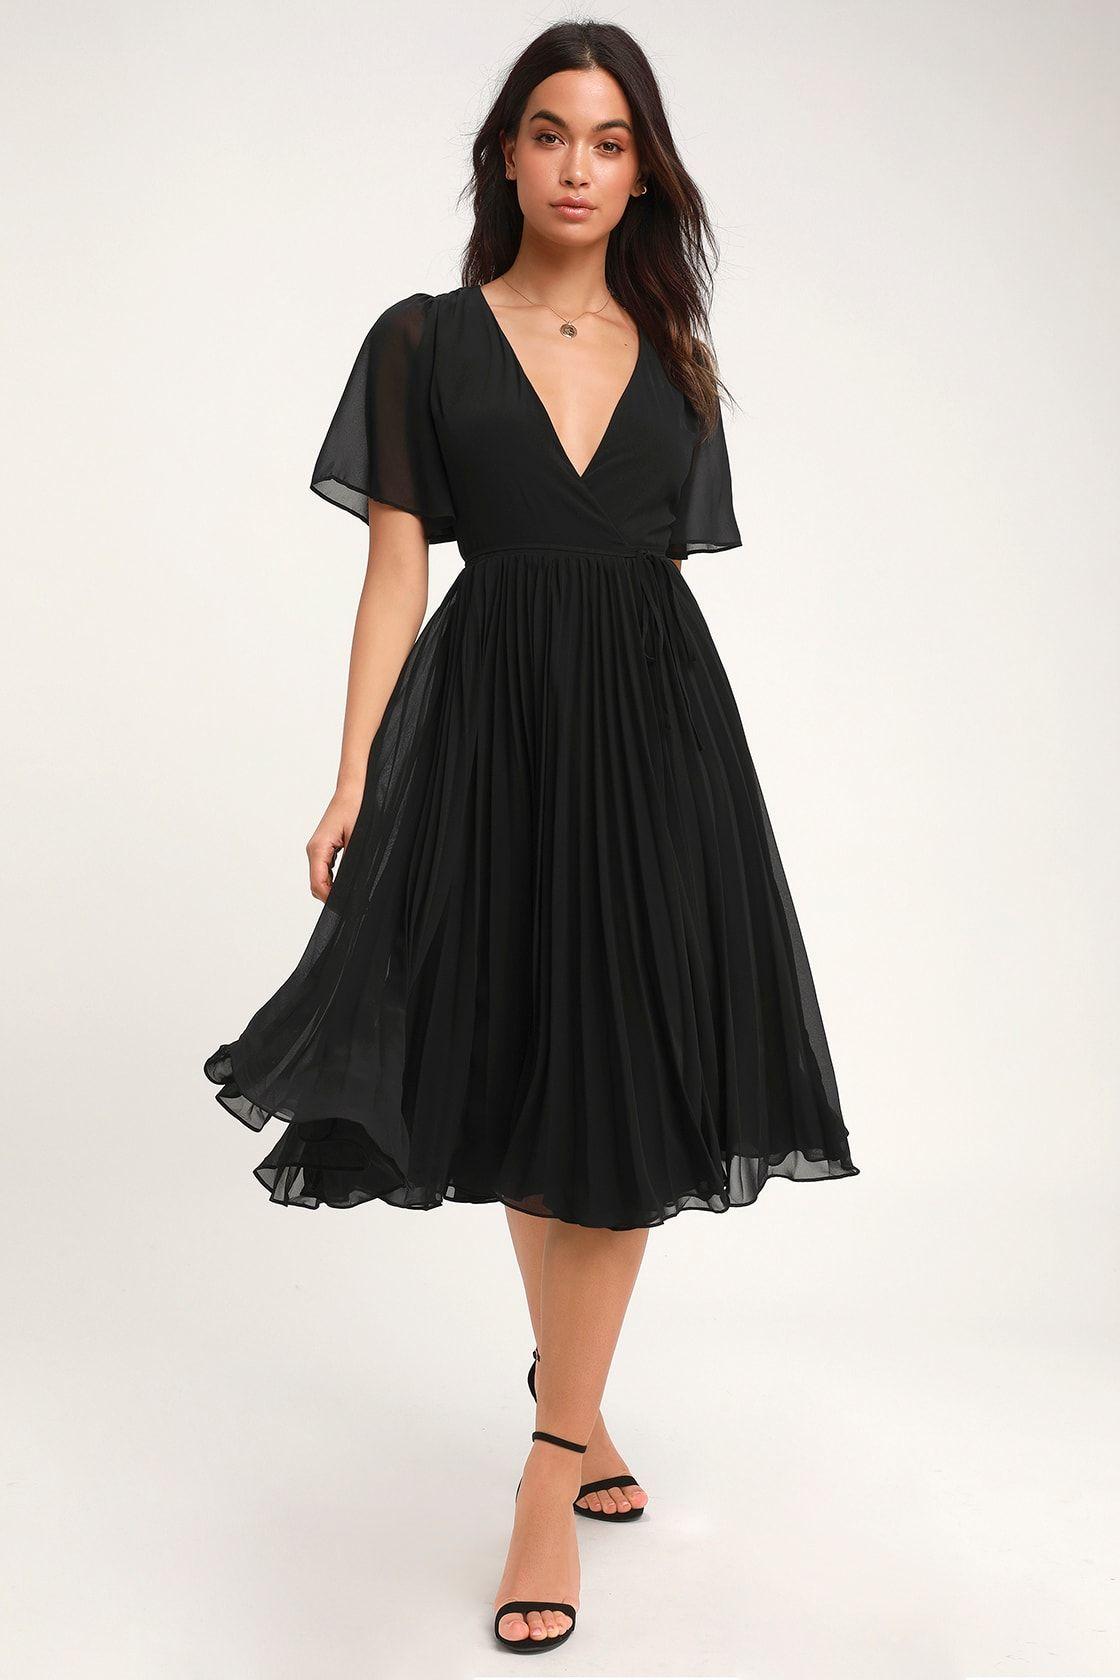 Pleats To Meet You Black Pleated Midi Wrap Dress Black Pleated Dress Black Dresses Casual Curvy Dress [ 1680 x 1120 Pixel ]